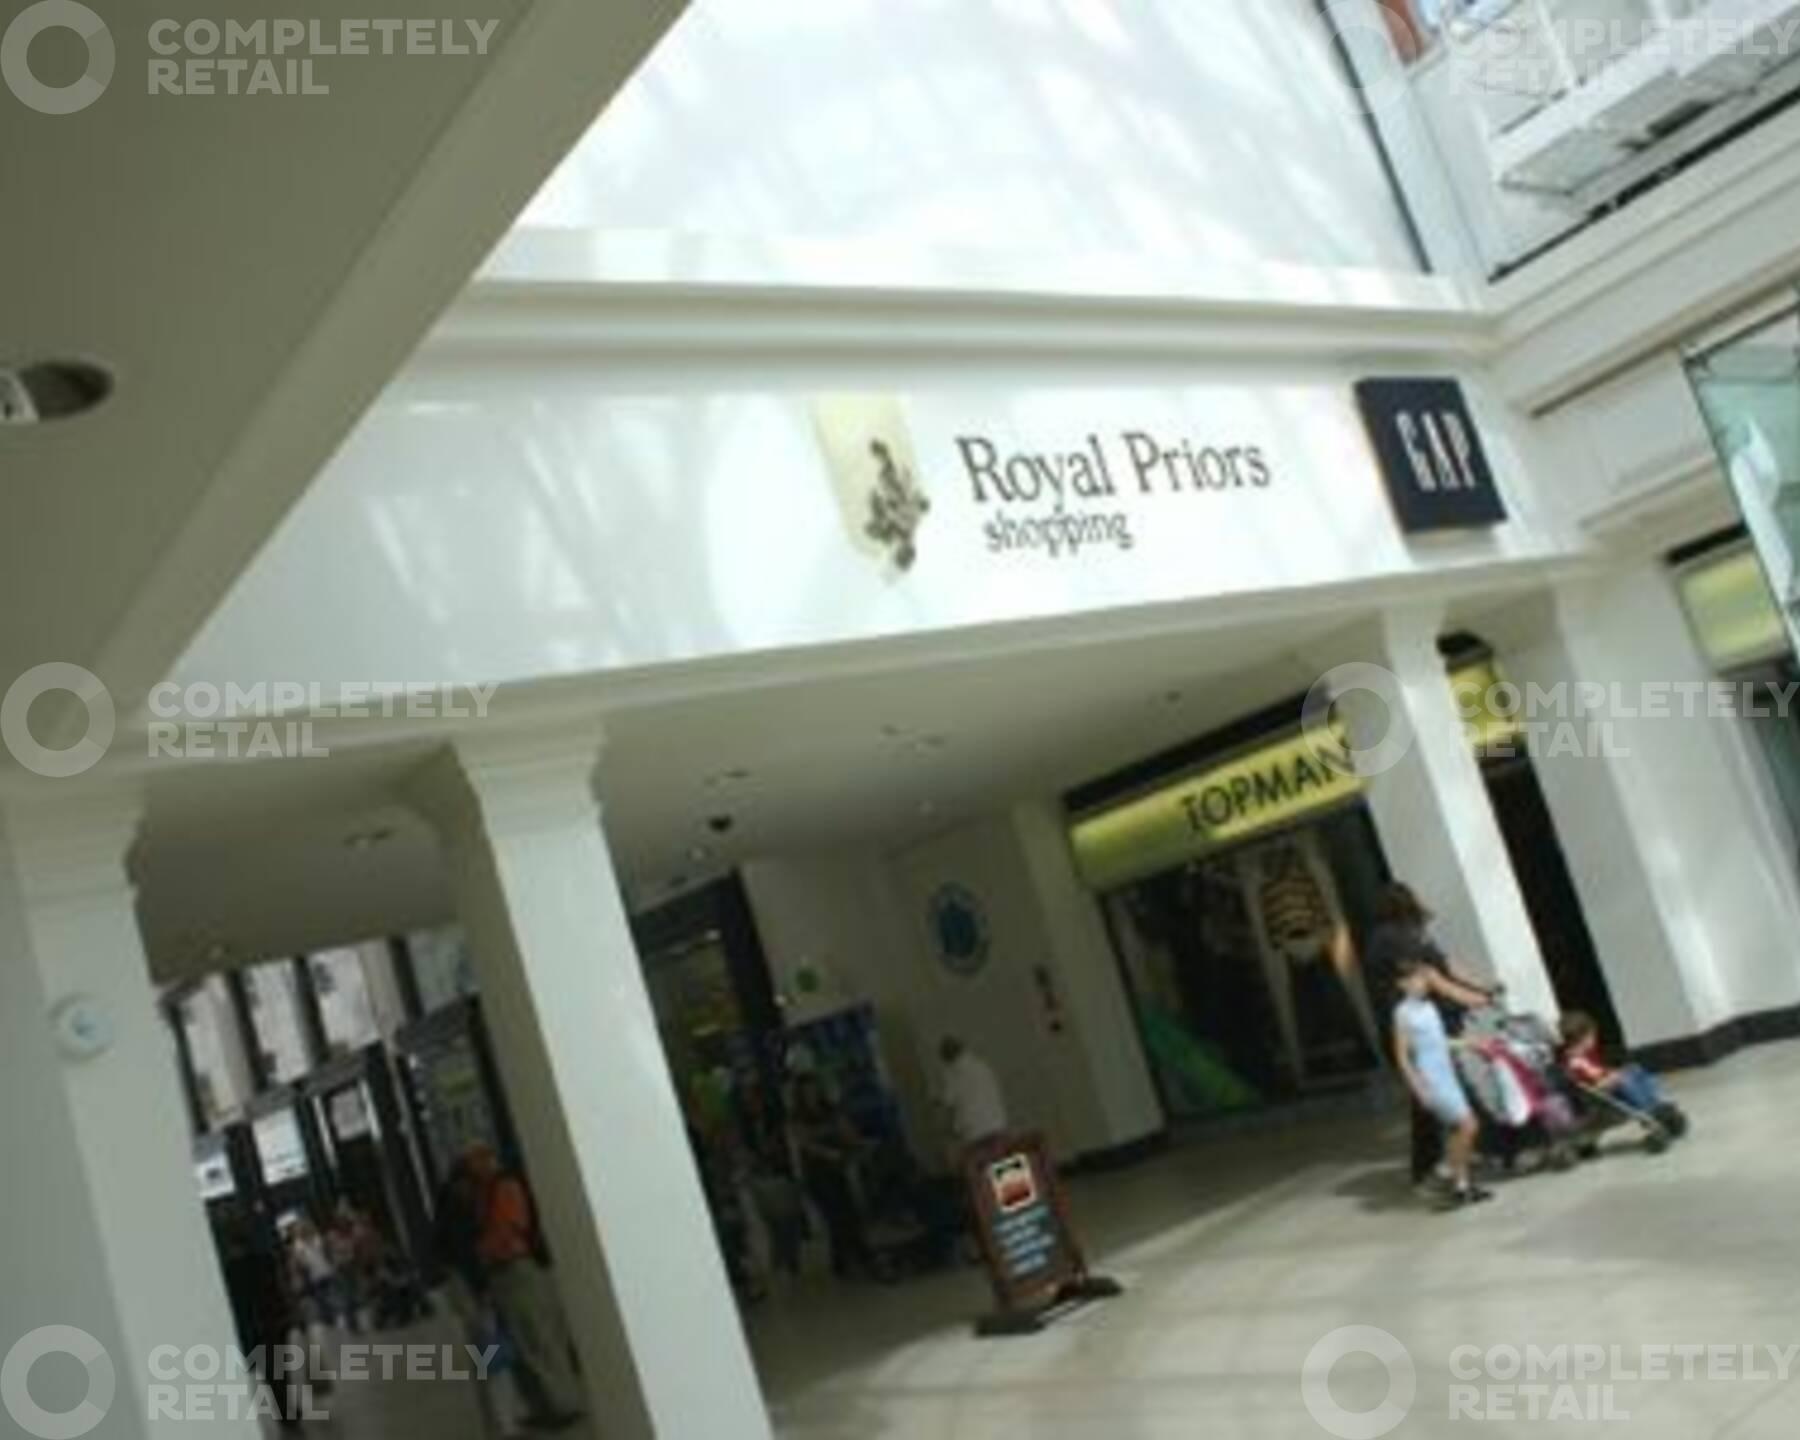 Royal Priors Shopping